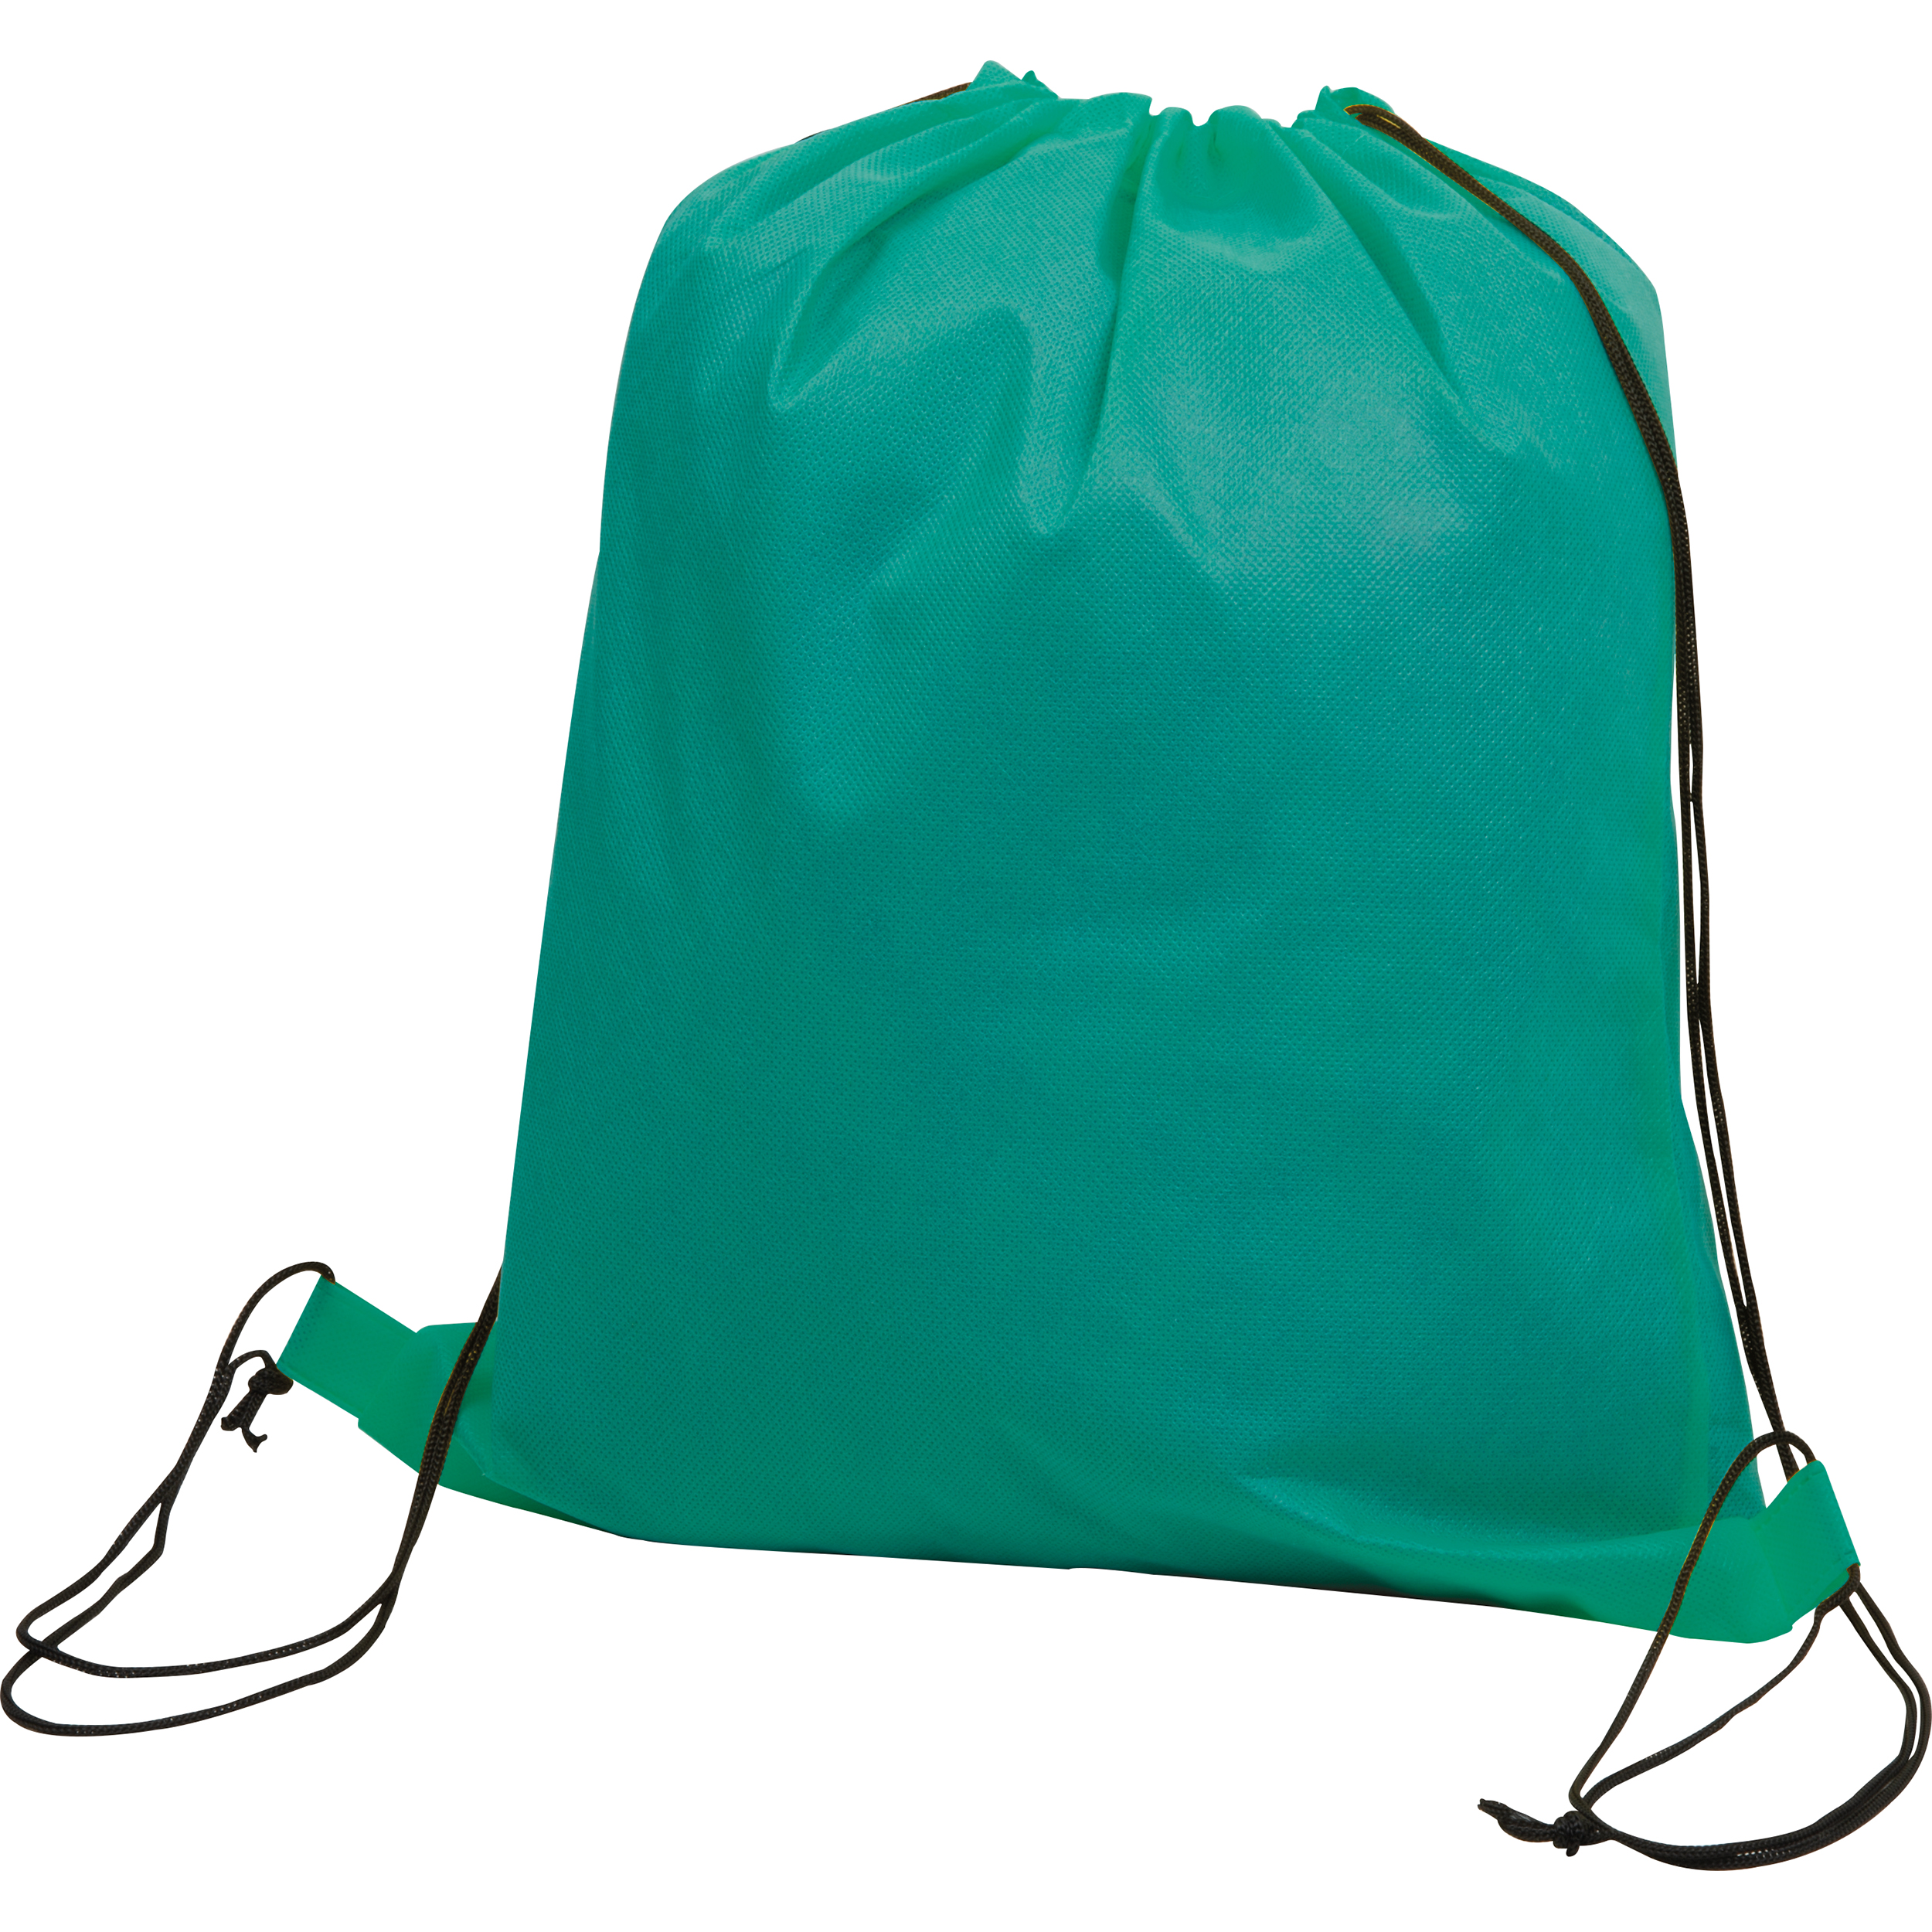 Gym-Bag aus Non-Woven mit Tragehenkeln.